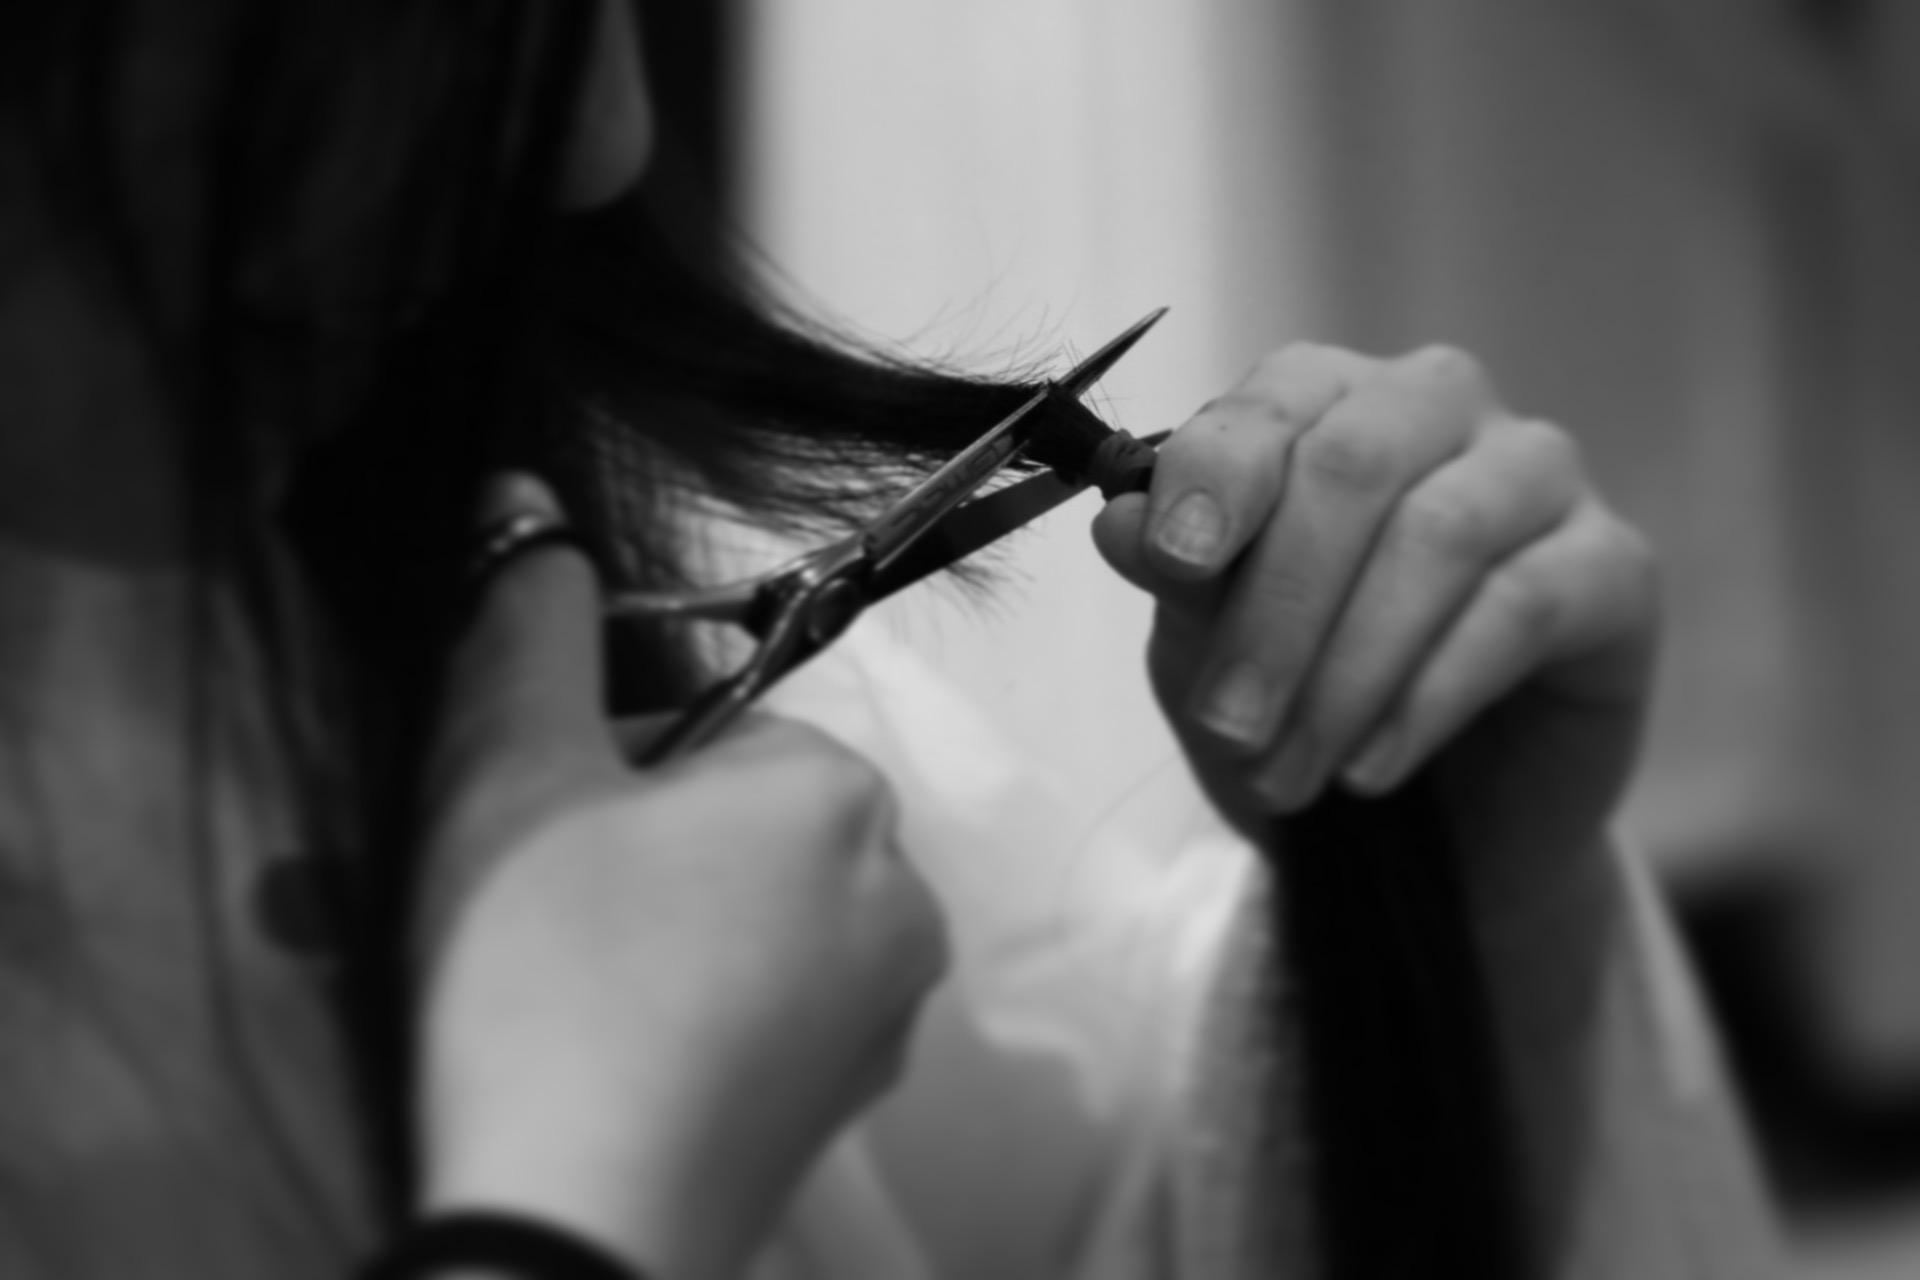 日立 日立市 美容室 美容院 ヘアサロン まる マル maru. ヘアドネーション 髪の寄付